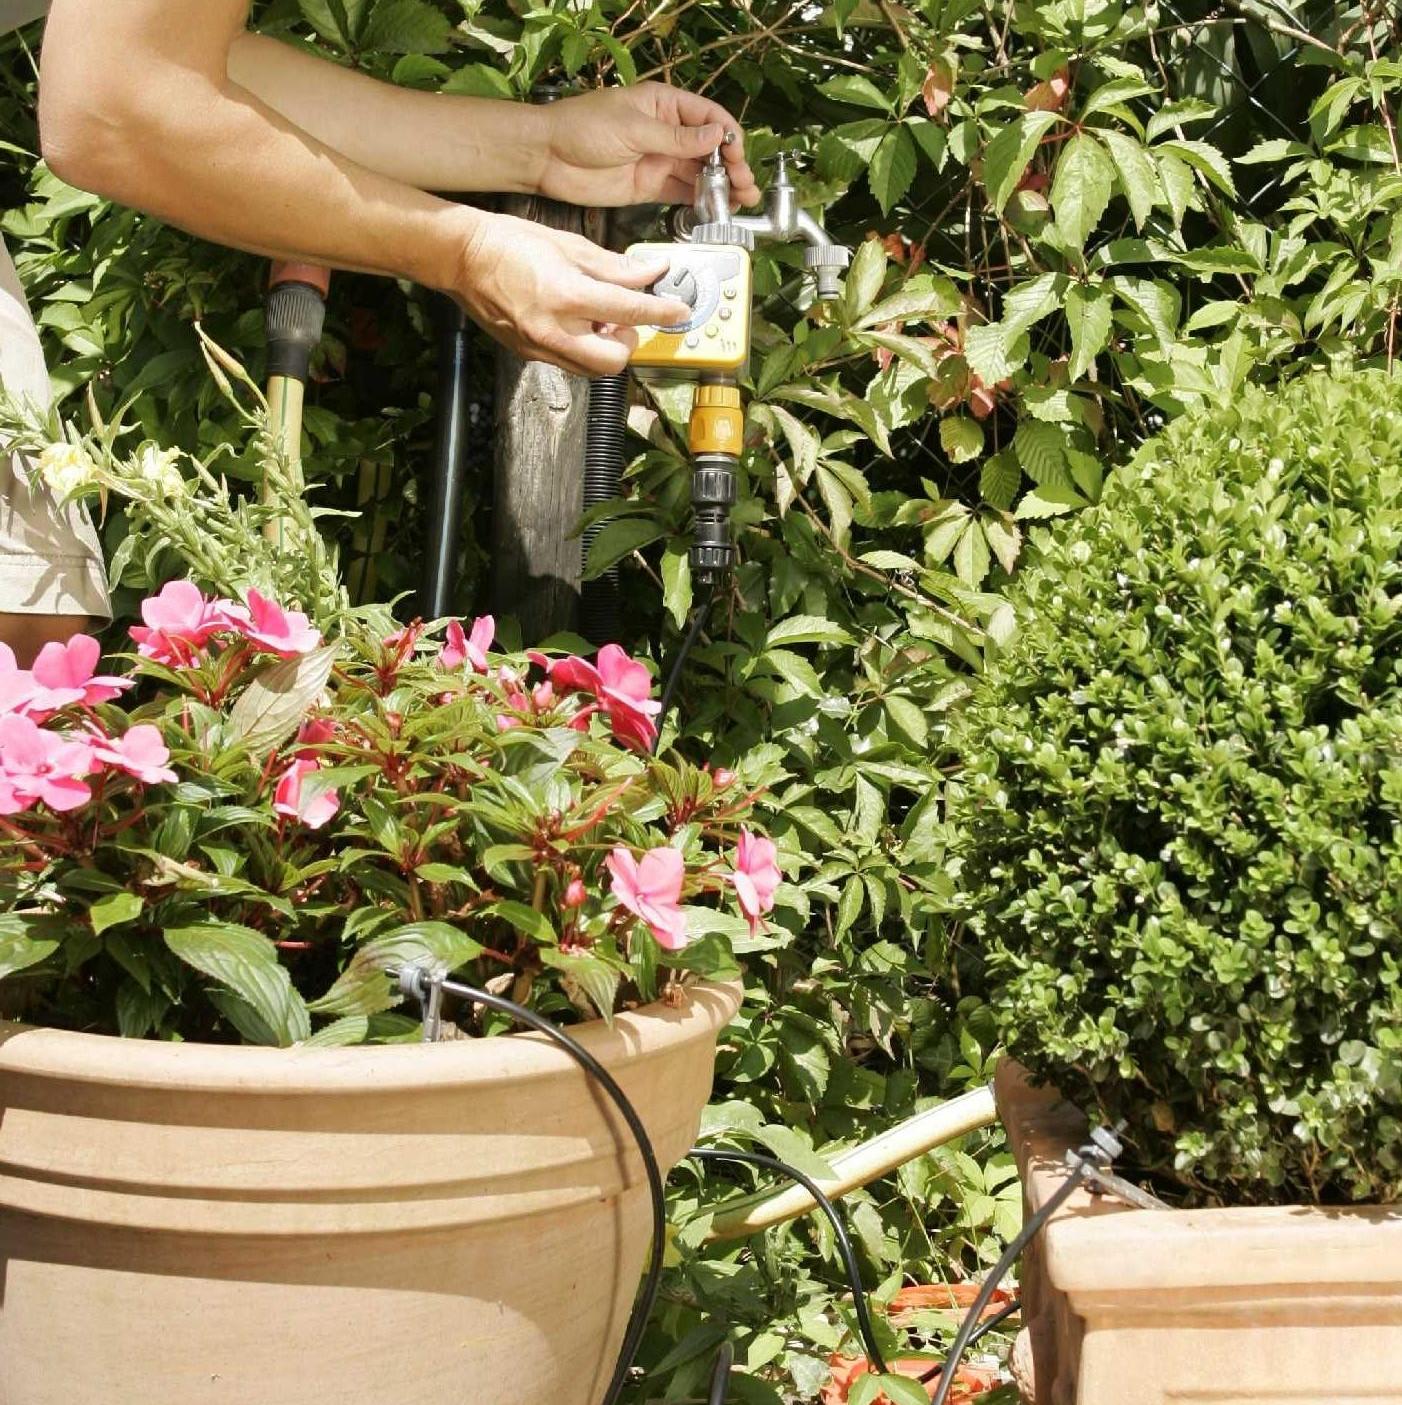 arrosage automatique arrosage goutte goutte arroser son jardin sans gaspiller. Black Bedroom Furniture Sets. Home Design Ideas